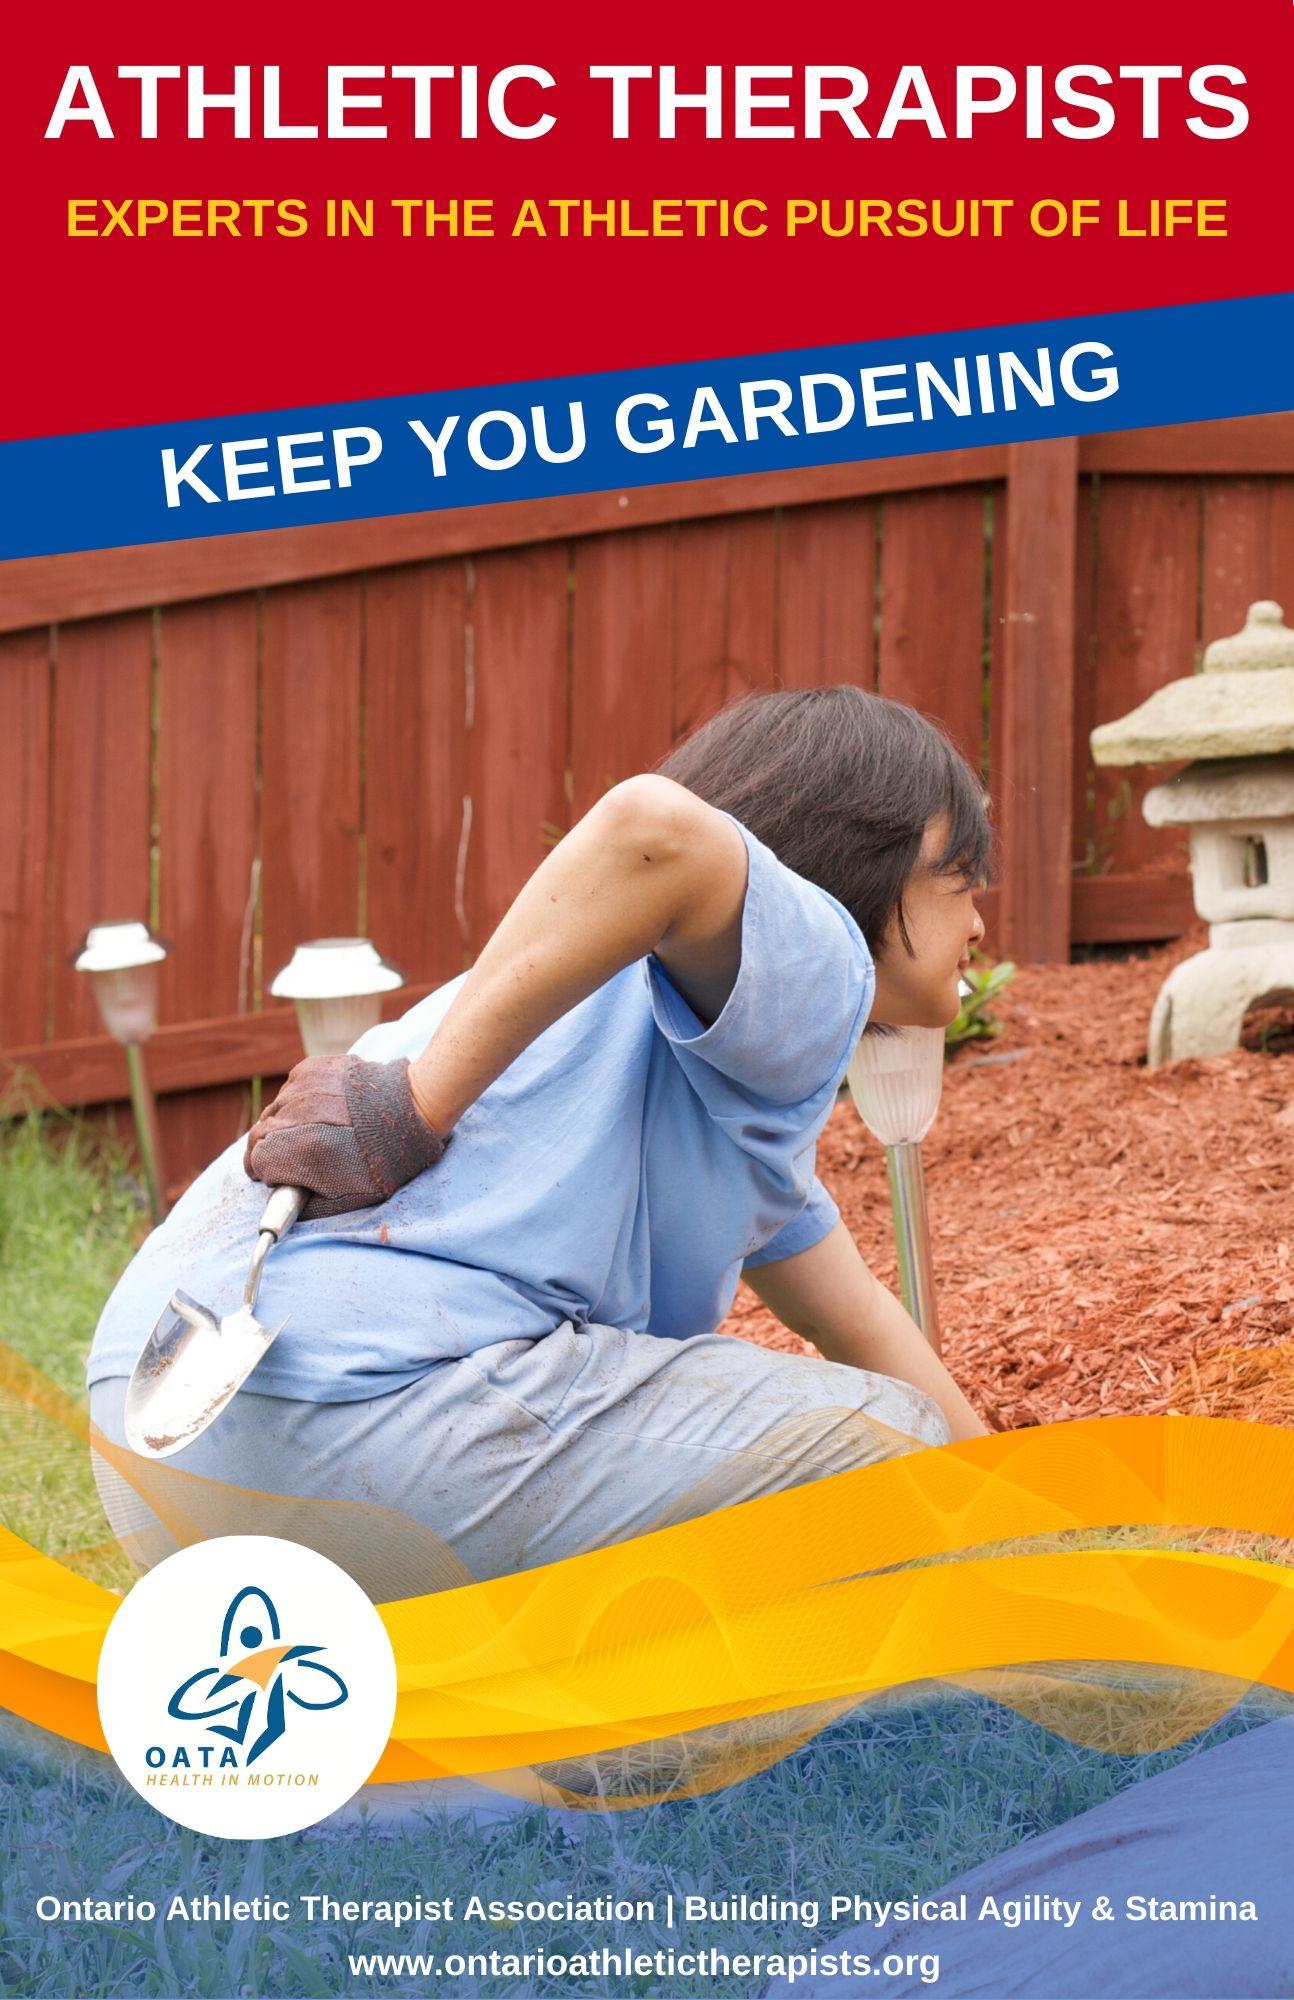 Keep You Gardening